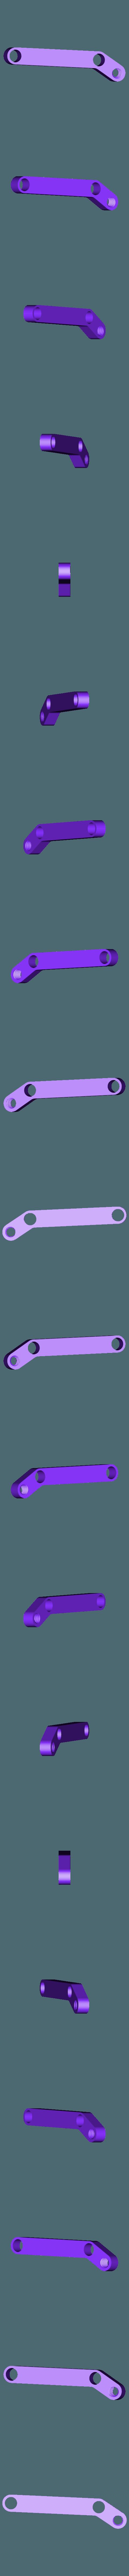 Leg_Front_Lower_Rear.stl Télécharger fichier STL gratuit Cheval, Prototype • Design pour imprimante 3D, gzumwalt